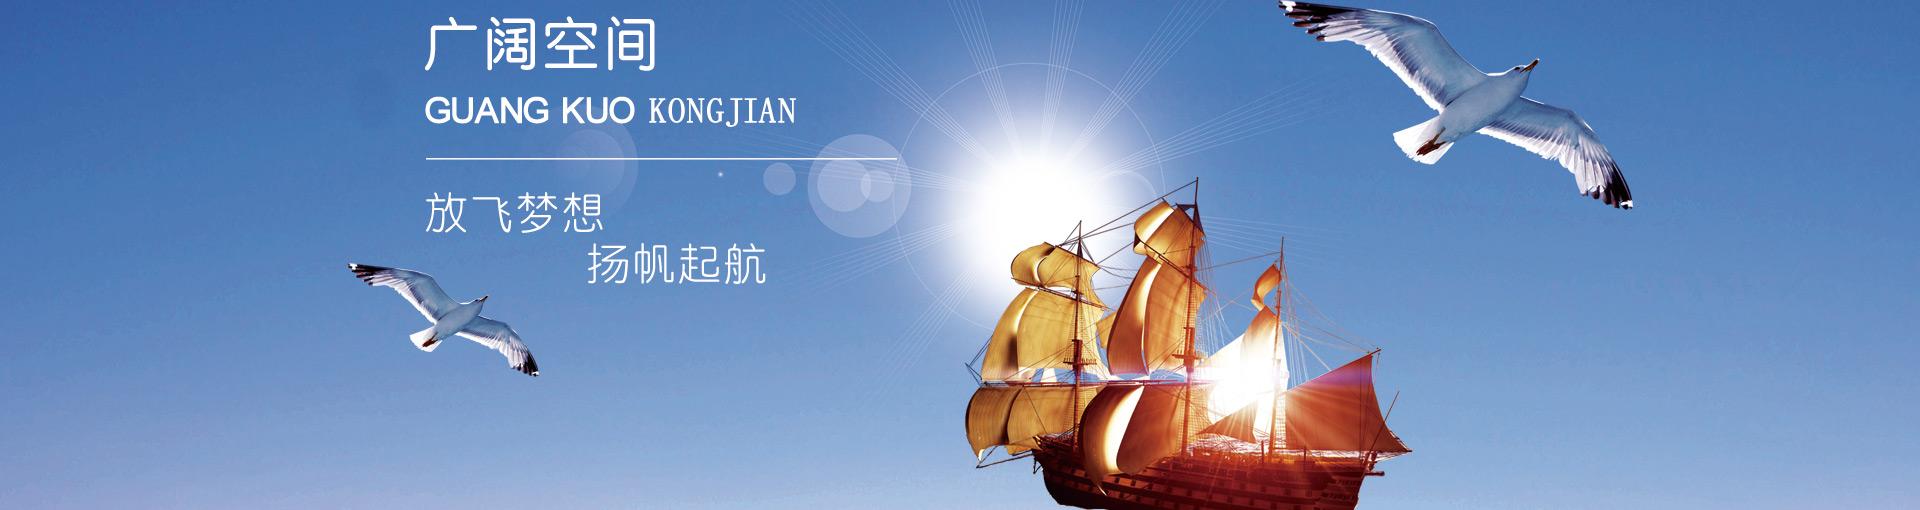 哈尔滨市呼兰区四海机械通用风机制造厂产品宣传,业务宣传主图片